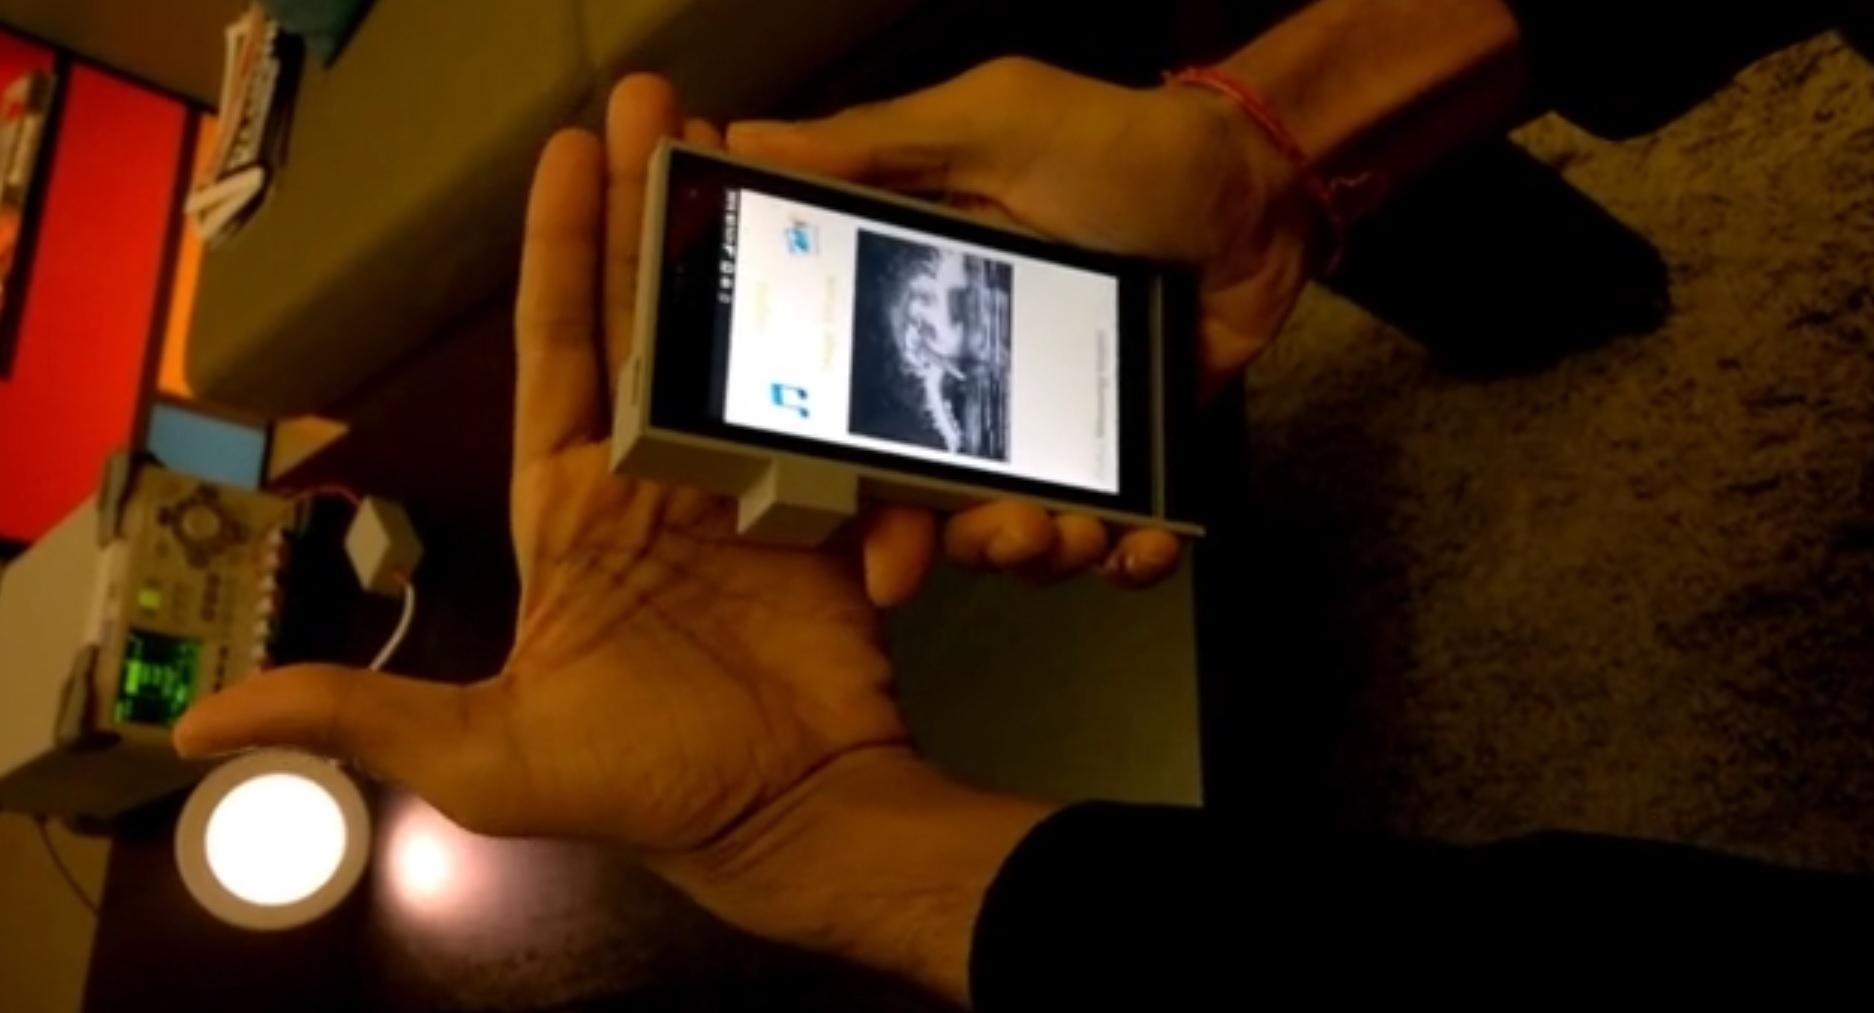 Forkser Deepak Solanki demonstrerer hvordan datastrømmen stopper når han legger hånda foran lyset.